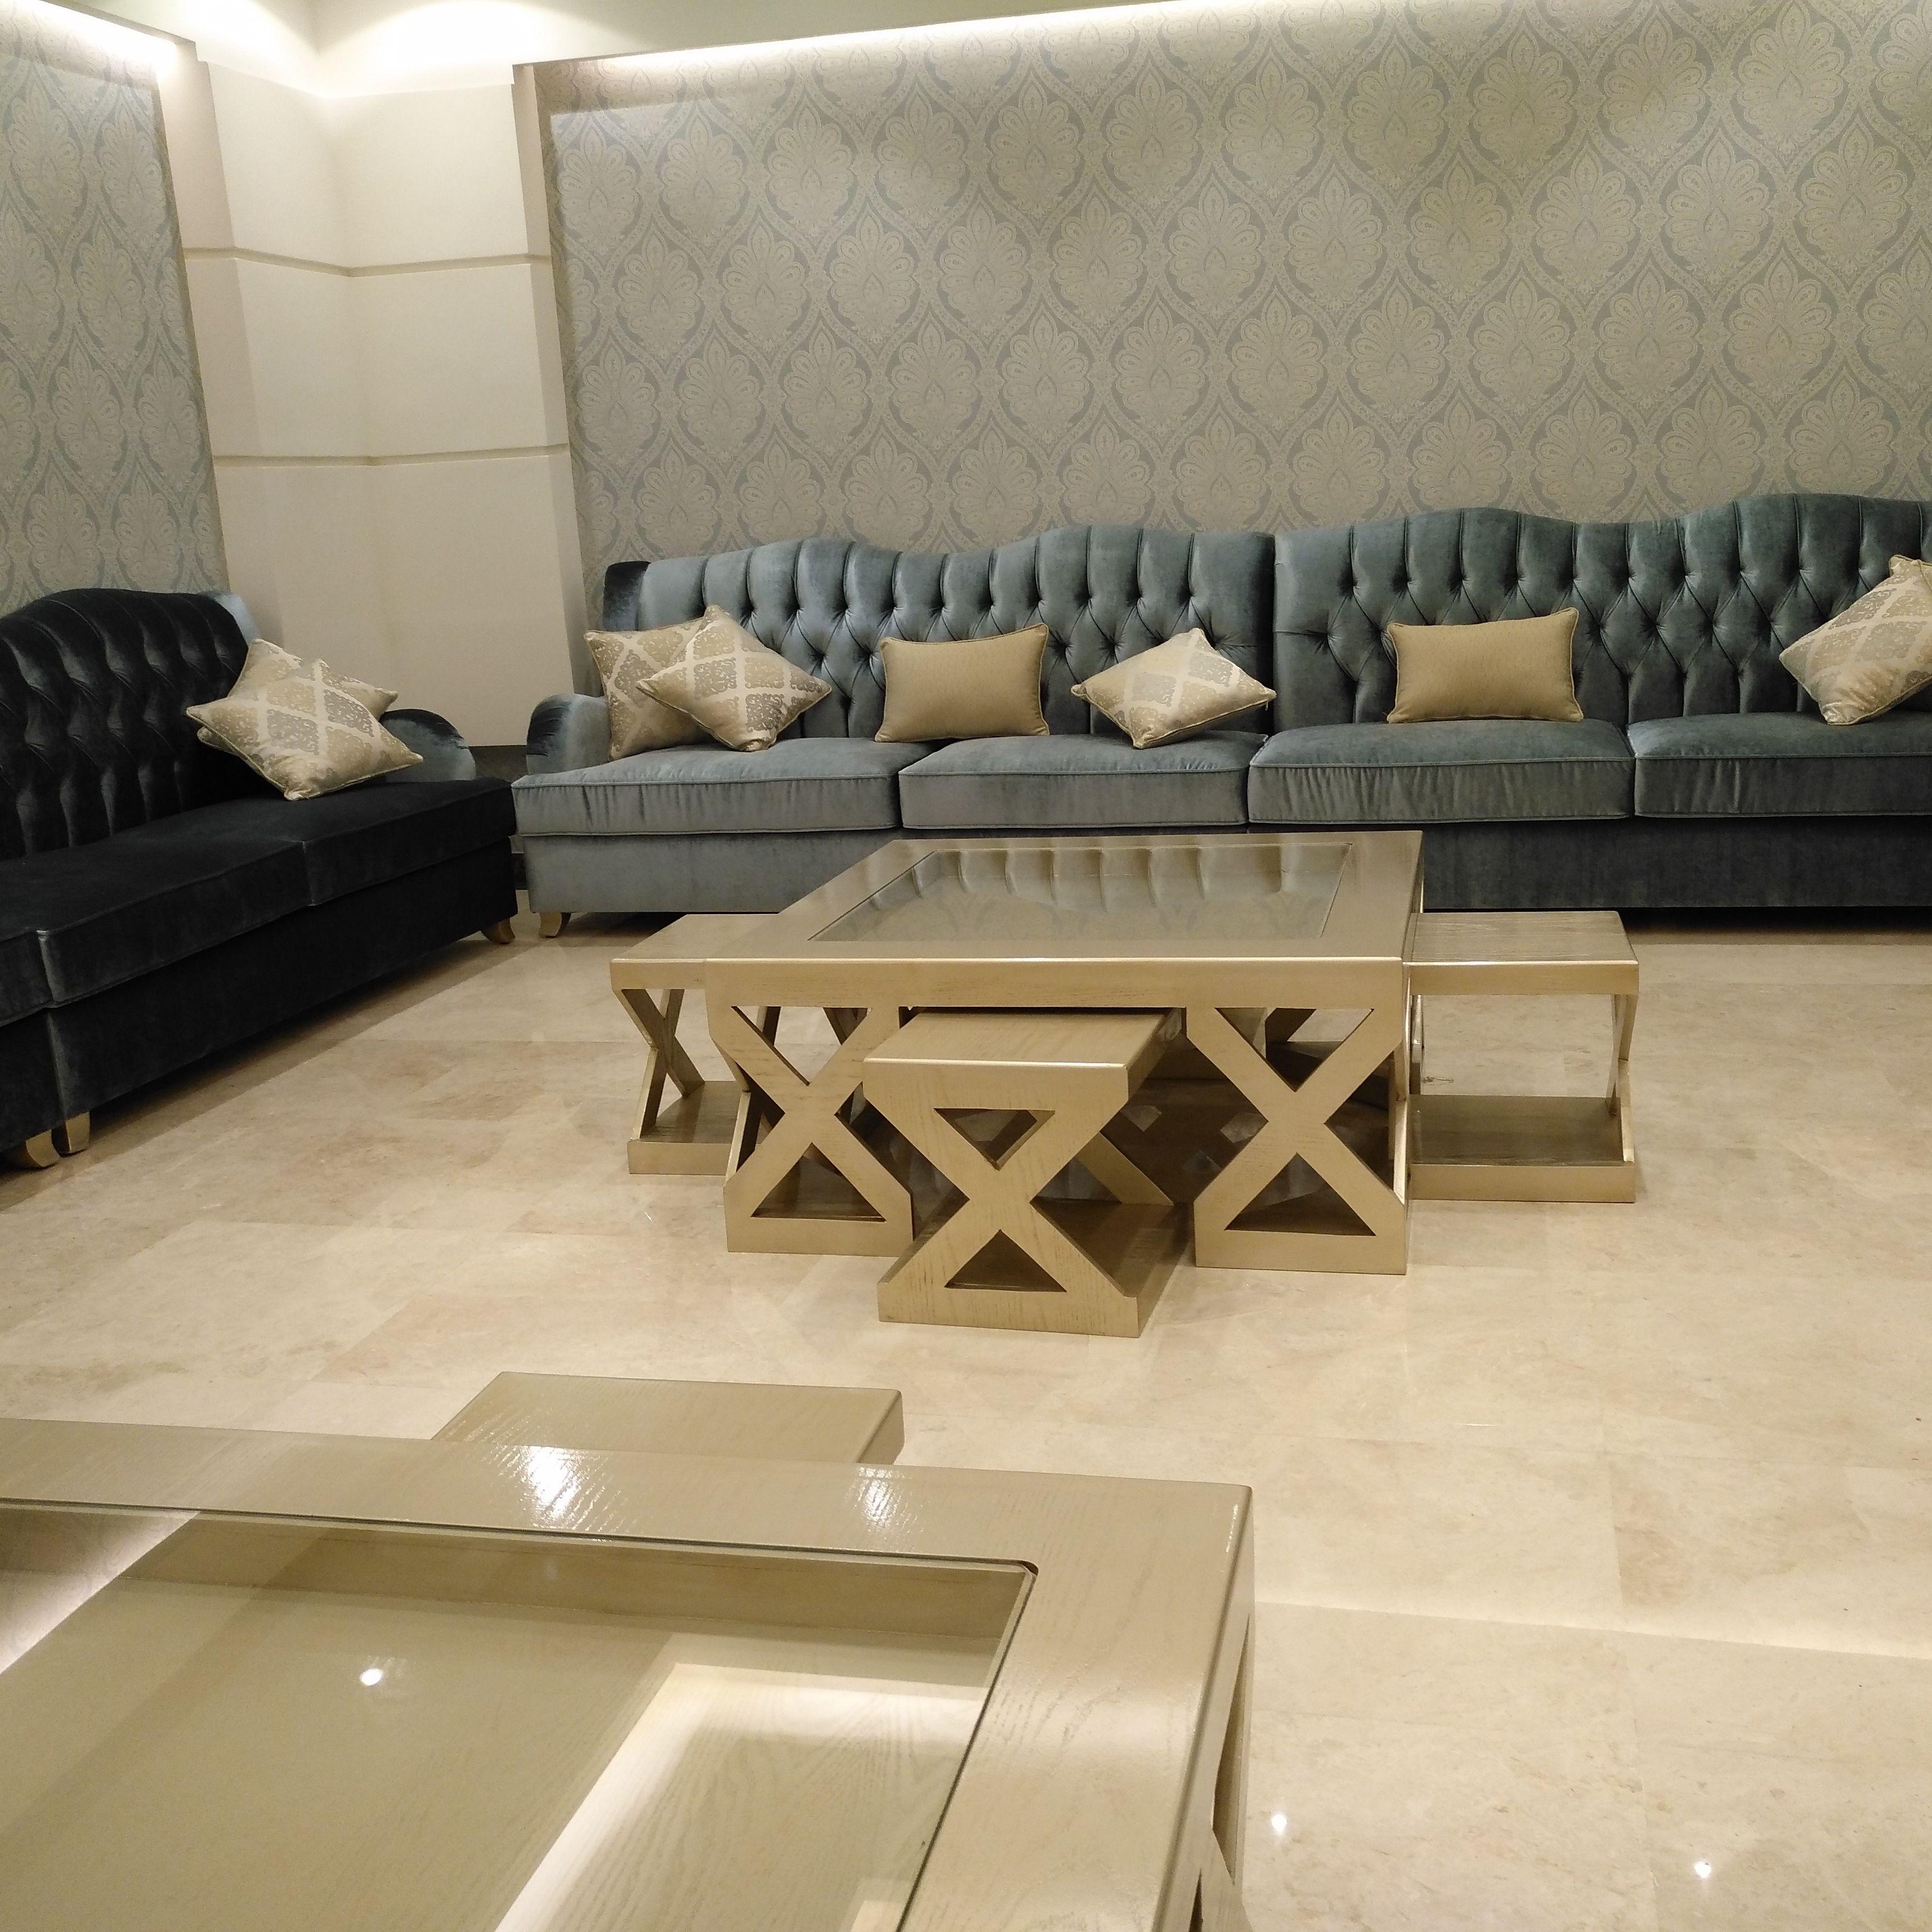 معلومات عن الاإعلان تفصيل حسب الطلب مجالس امريكي اطقم كلاسيكي للتواصل على الرقم 0536779667 Home Decor Sectional Couch Furniture